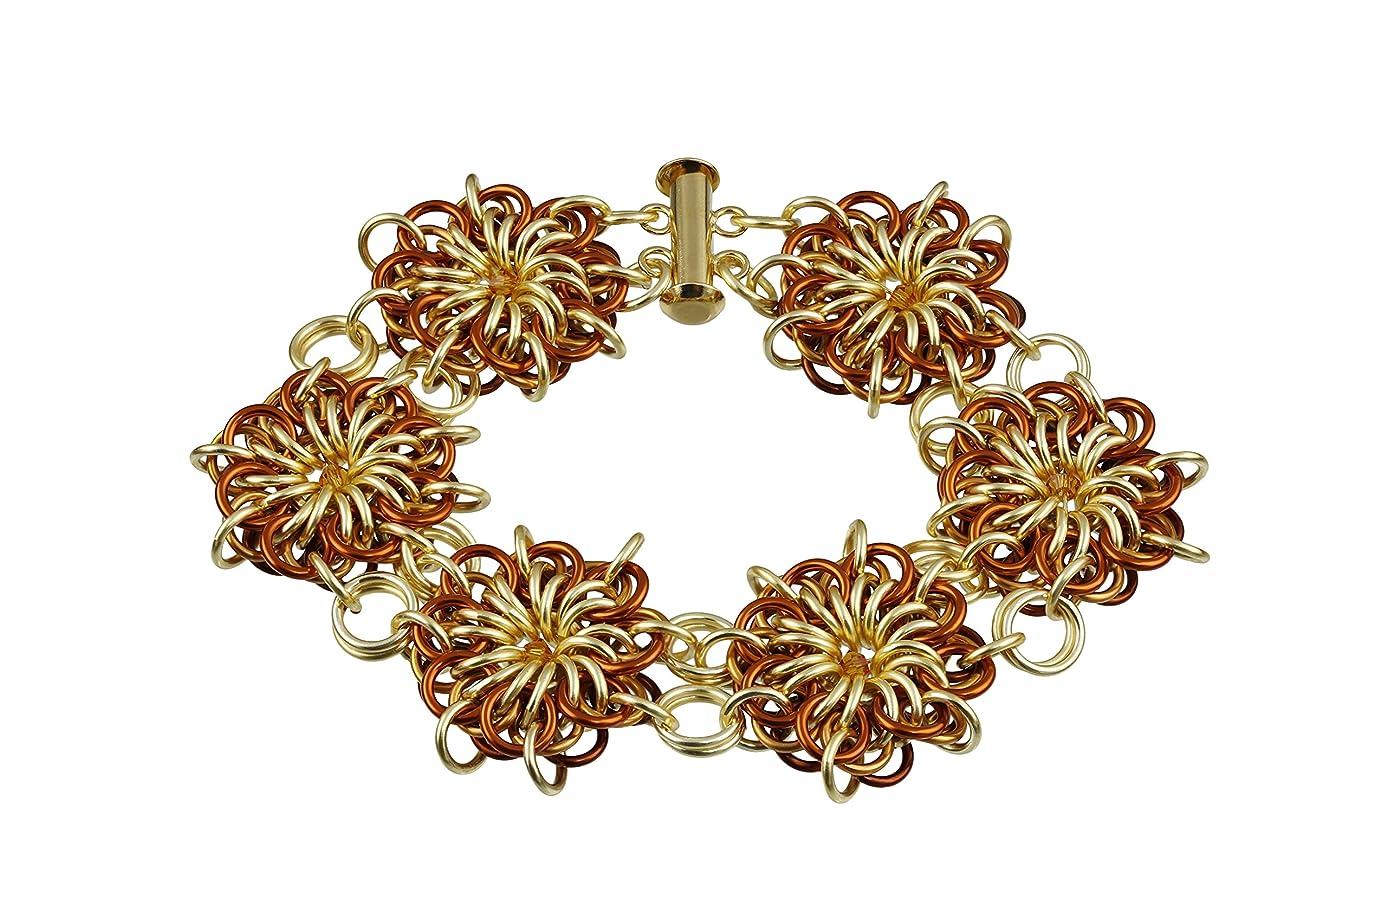 Weave Got Maille Flares Reversible Chain Maille Bracelet Kit, Goldilocks